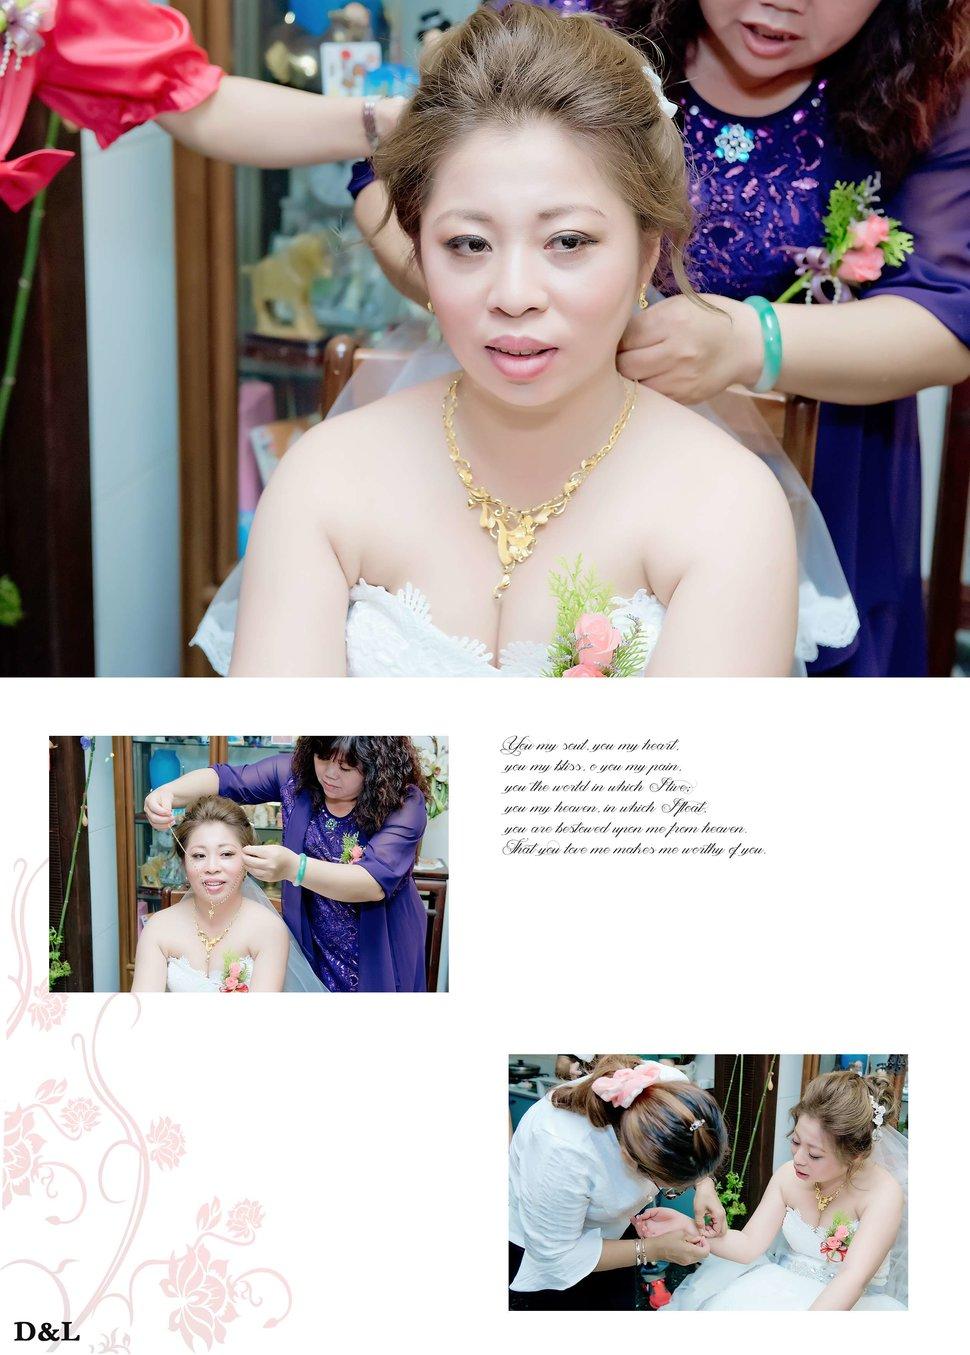 婚禮紀錄-敬添&綉芬(編號:253230) - D&L 婚禮事務-婚紗攝影/婚禮記錄 - 結婚吧一站式婚禮服務平台